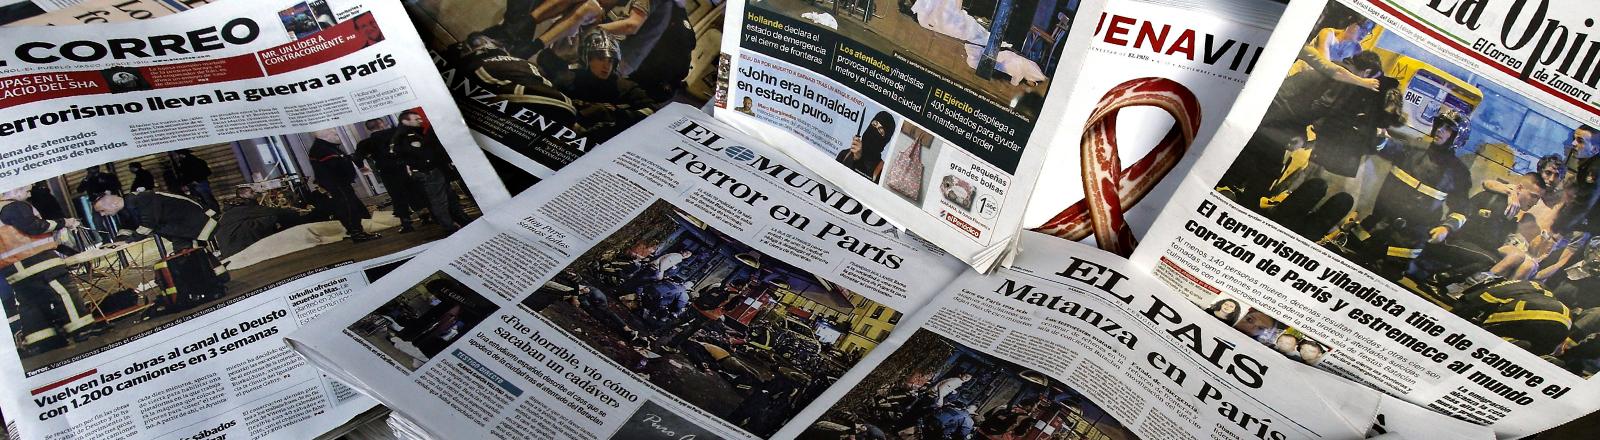 Zeitungen zeigen Schlagzeilen nach den Attentaten in Paris am 13.11.2015.